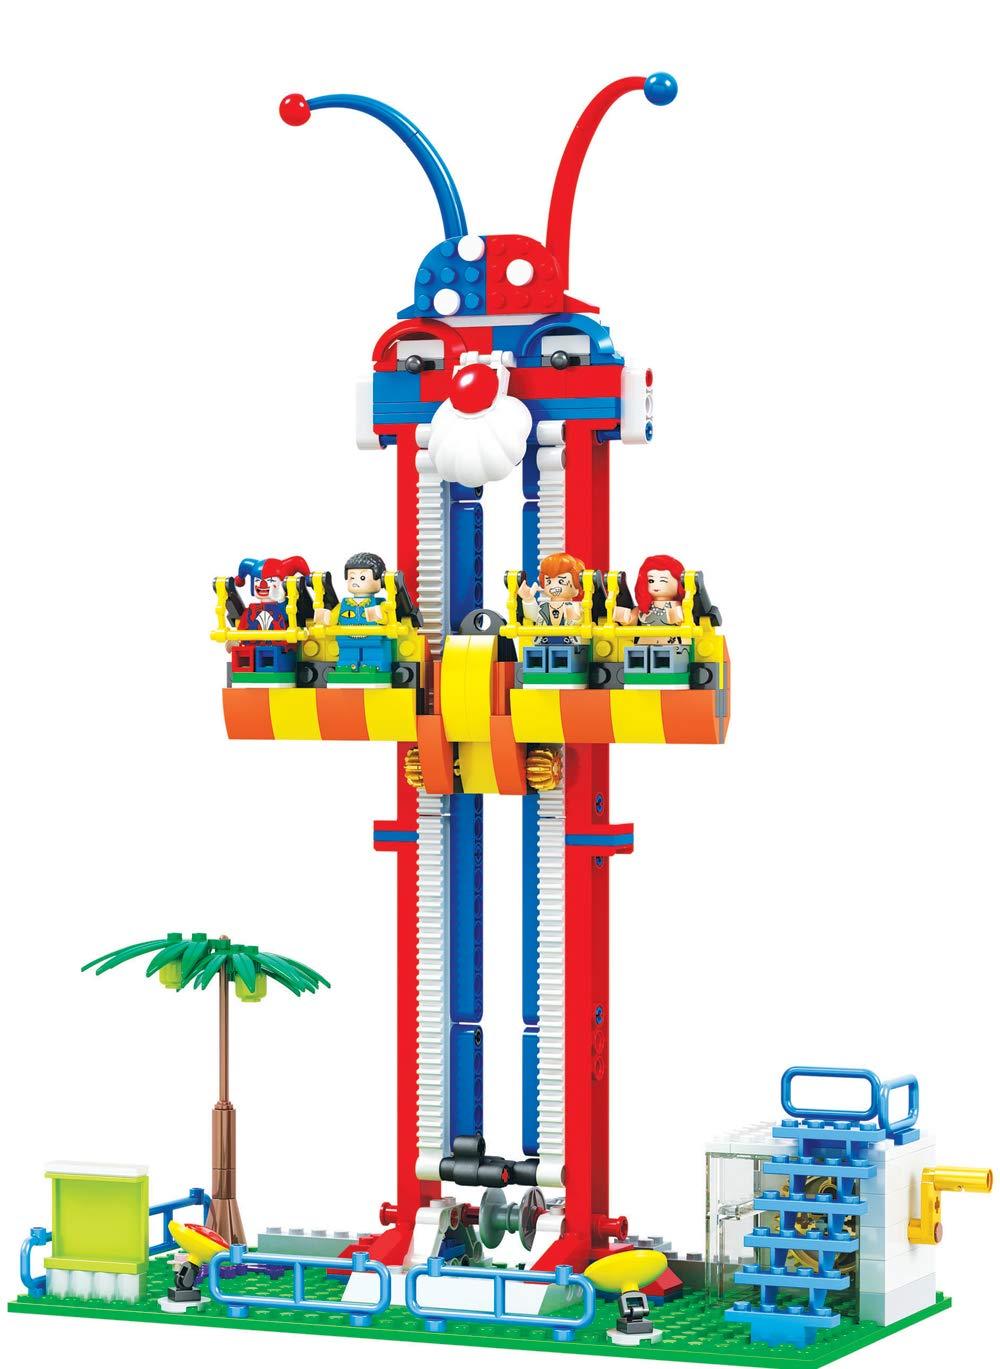 36 cm Modbrix Bausteine Free Fall Tower Kirmes Fahrgeschäft 337 Bausteine